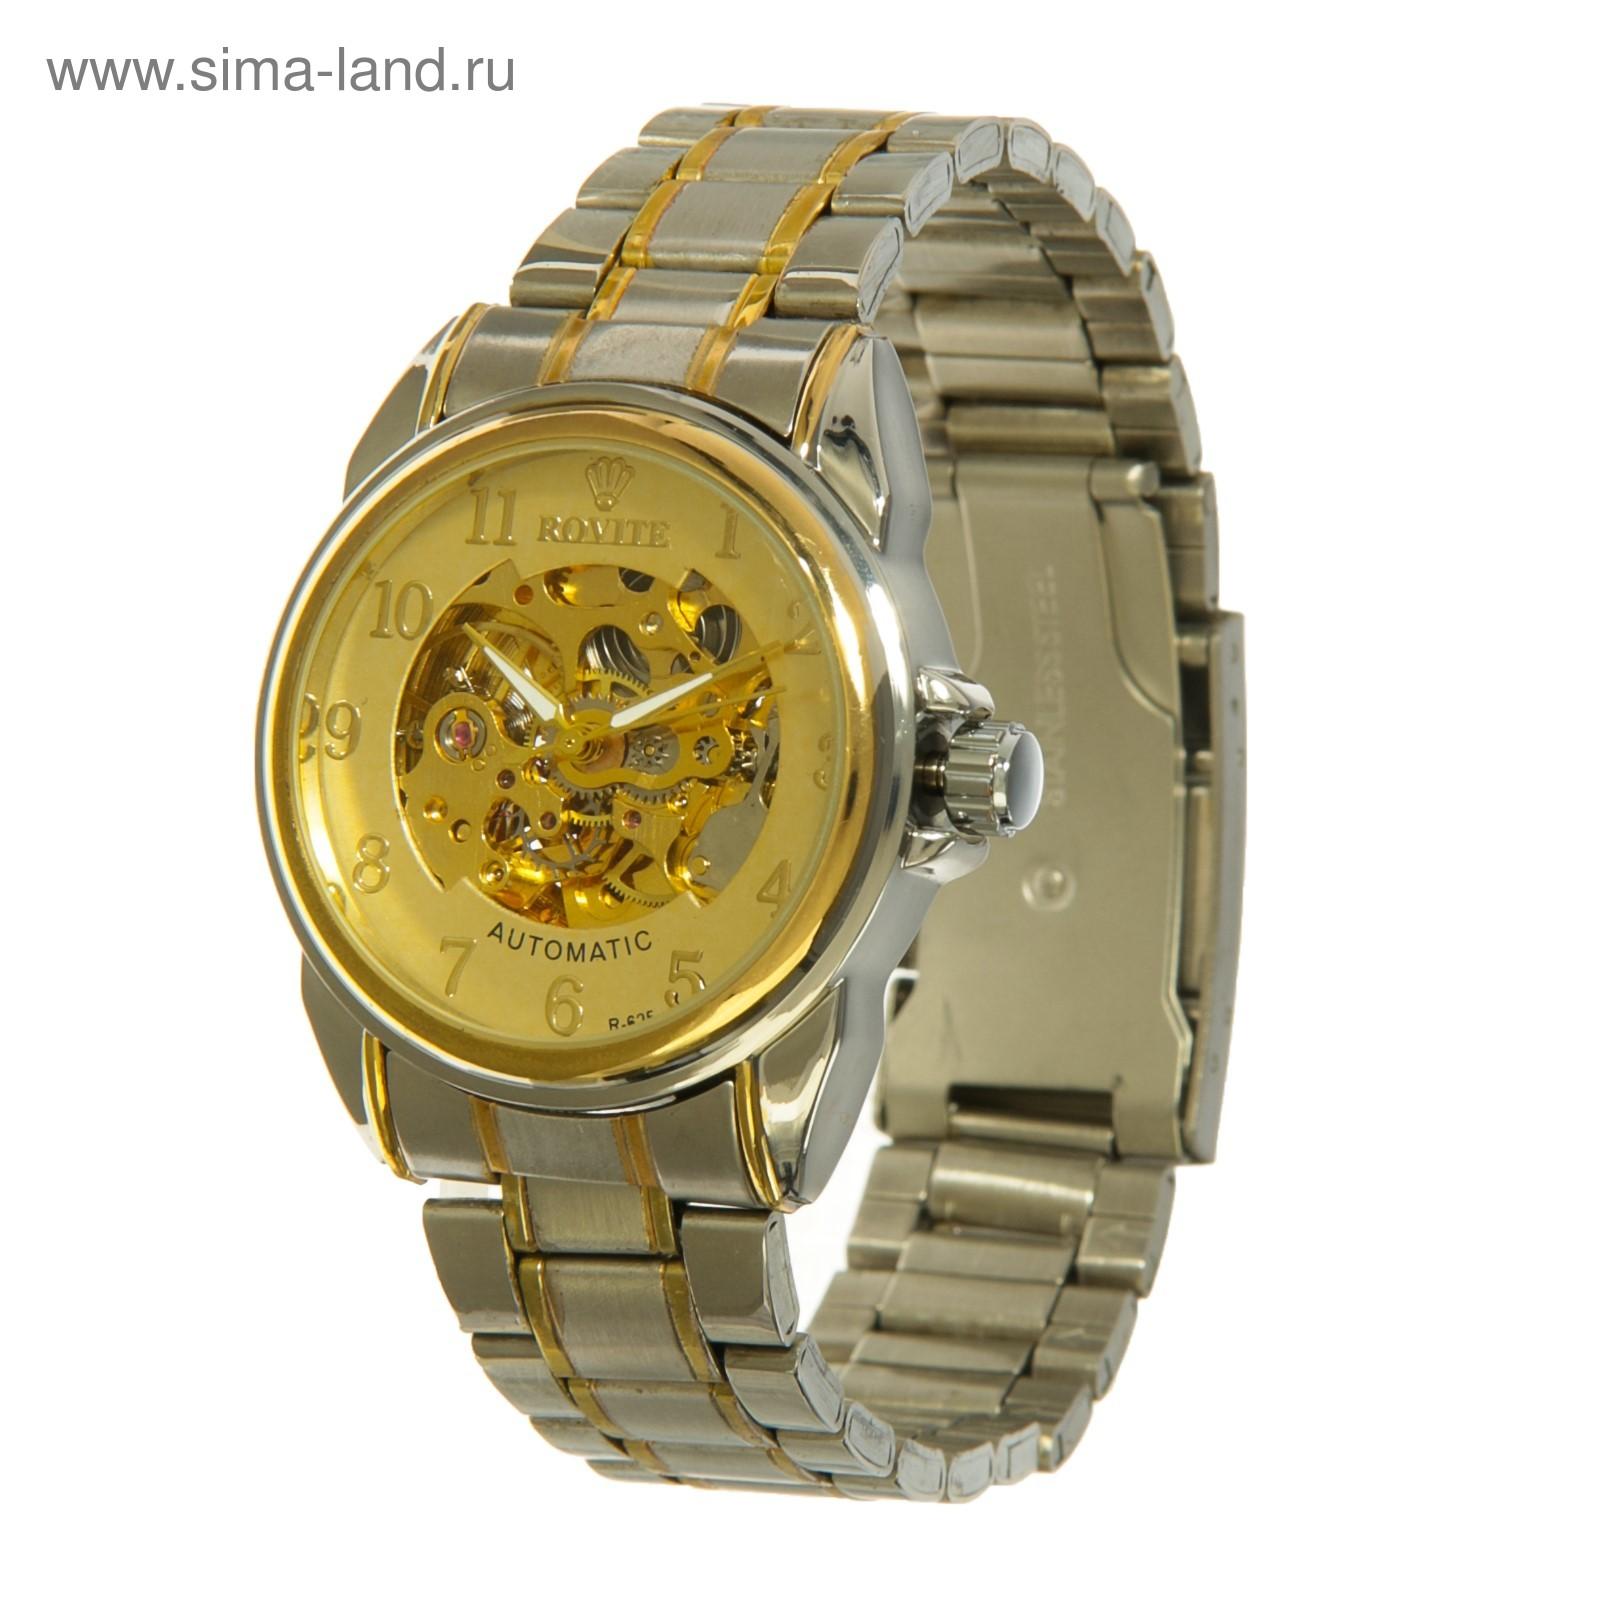 Скелетоны часы в екатеринбурге часы фирма орион купить